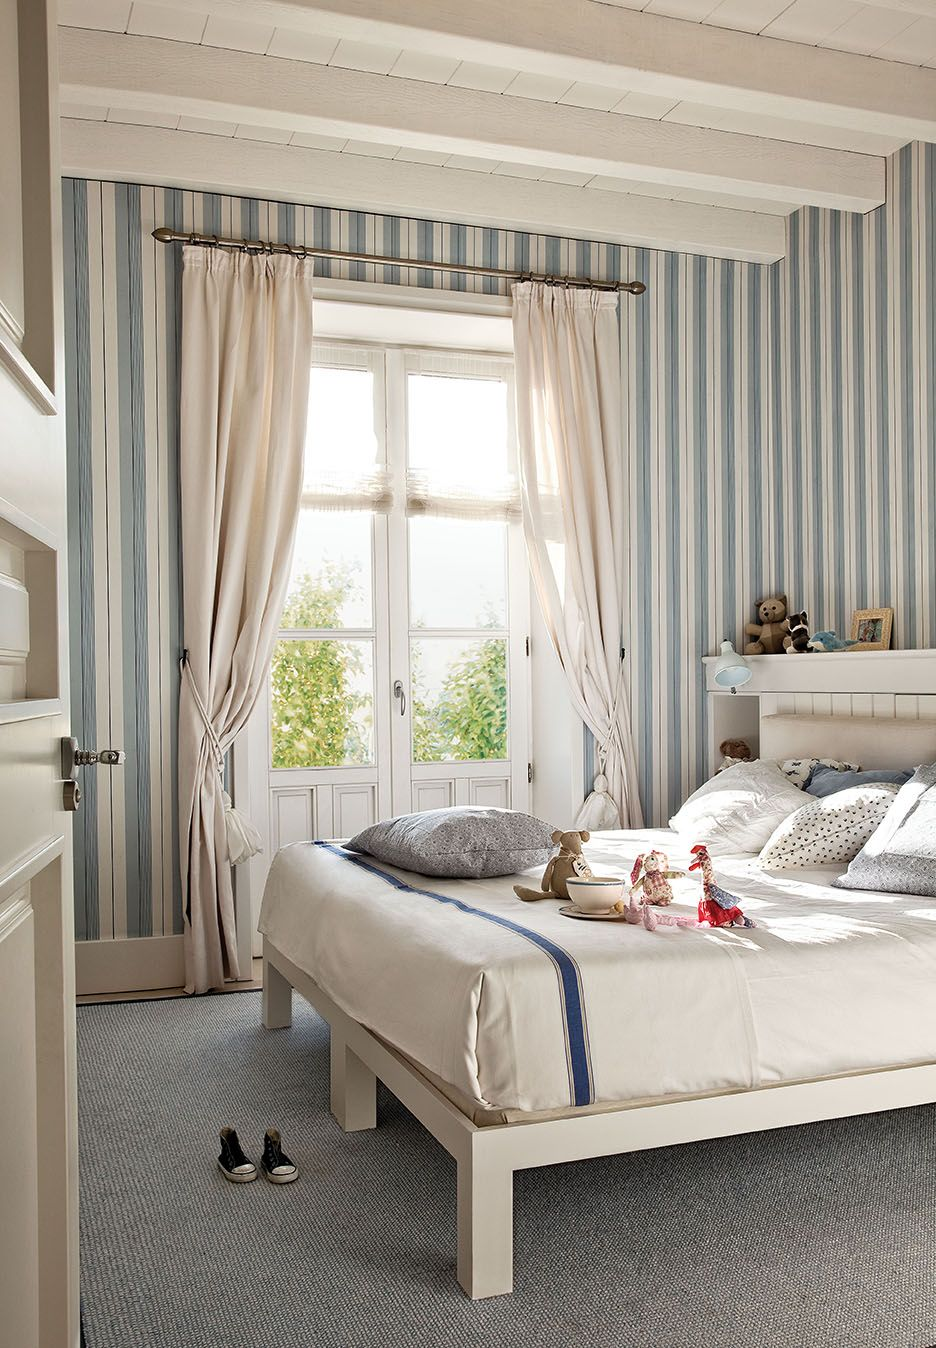 Dormitorio infantil con papel pintado a rayas blanco y - Papel pintado dormitorio principal ...